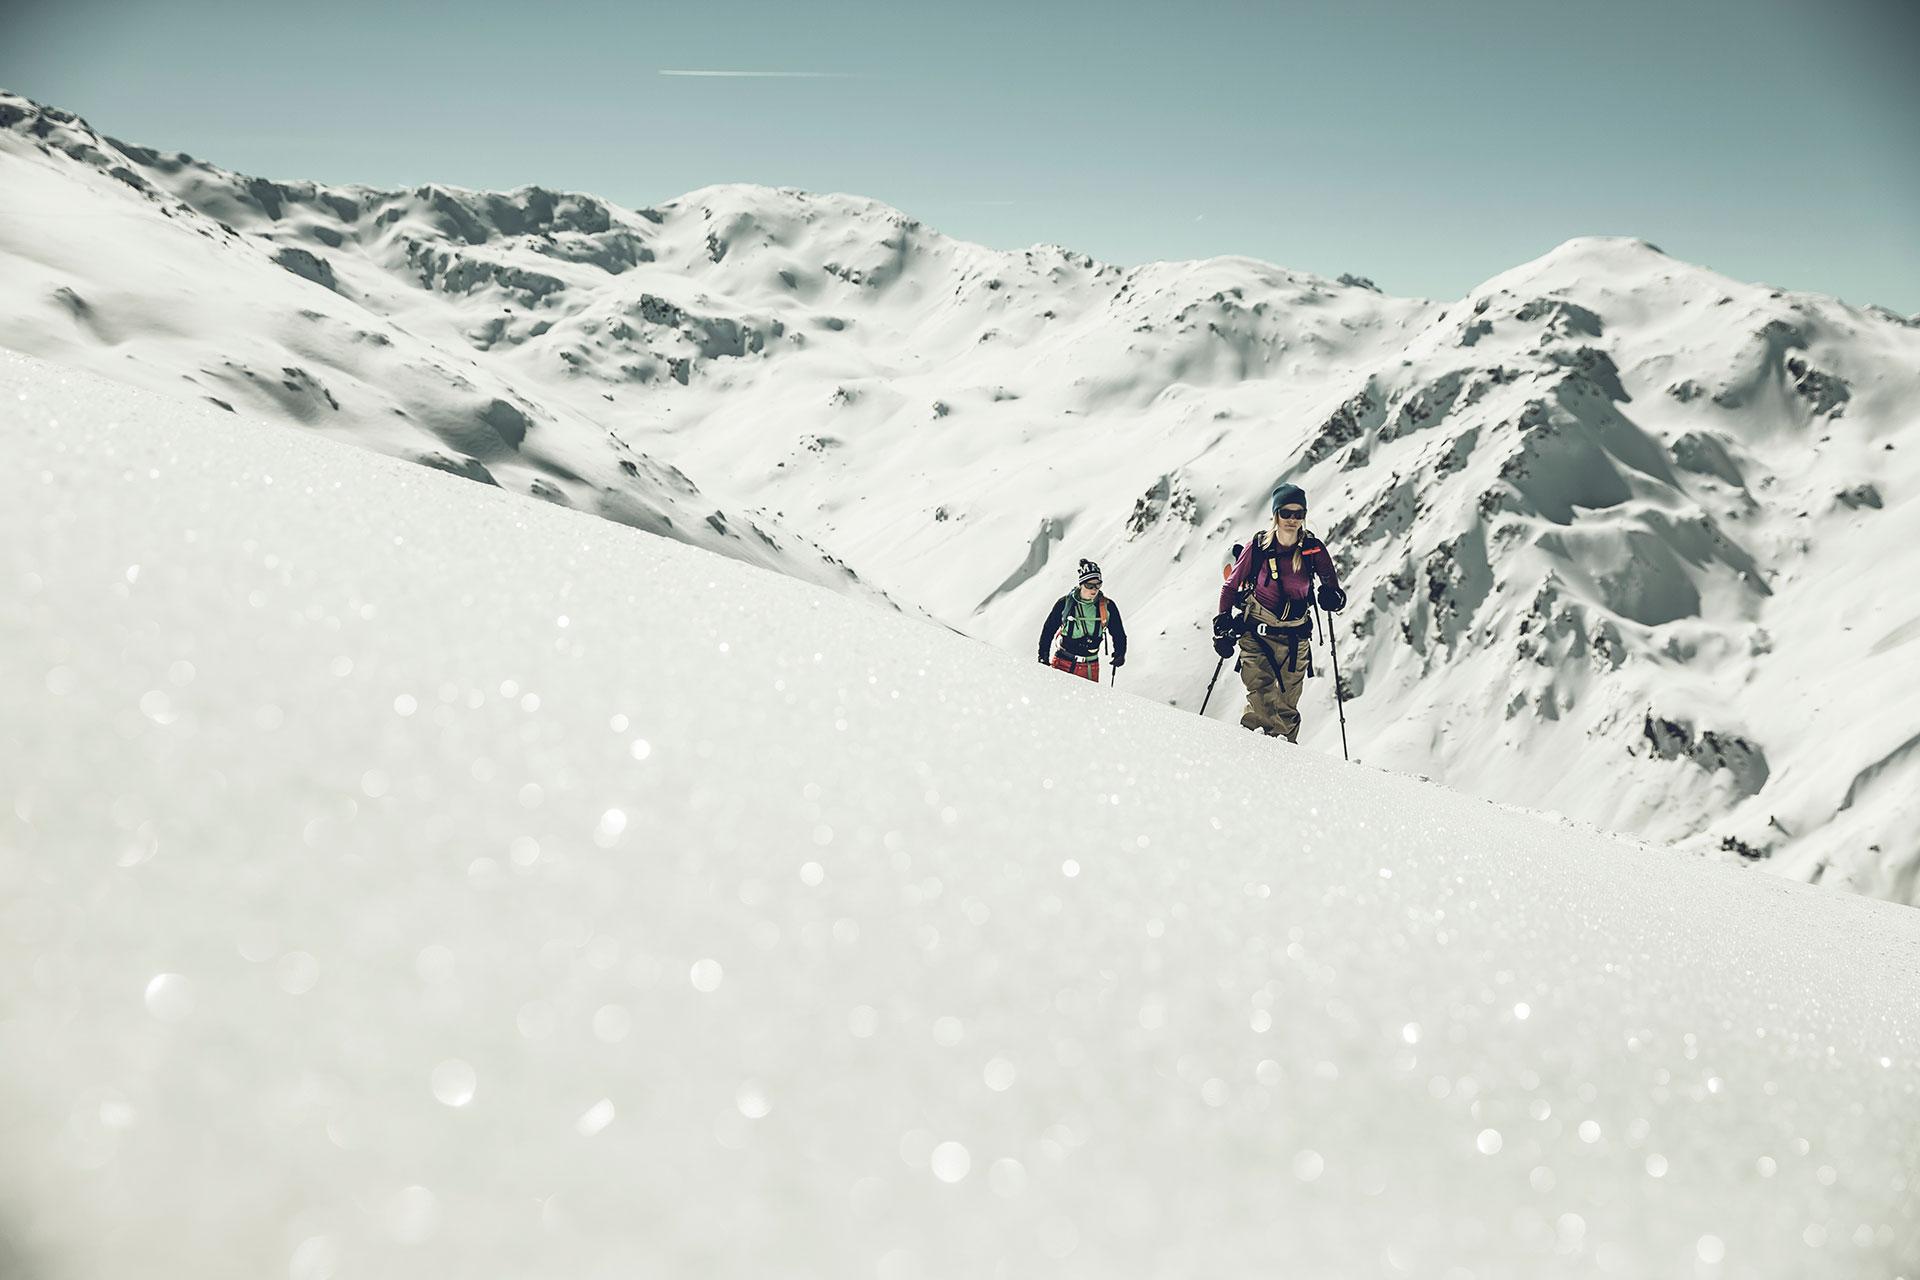 Fotograf Skitour Landschaft Winter Sport Tiefschnee Frankfurt Schnee Winter